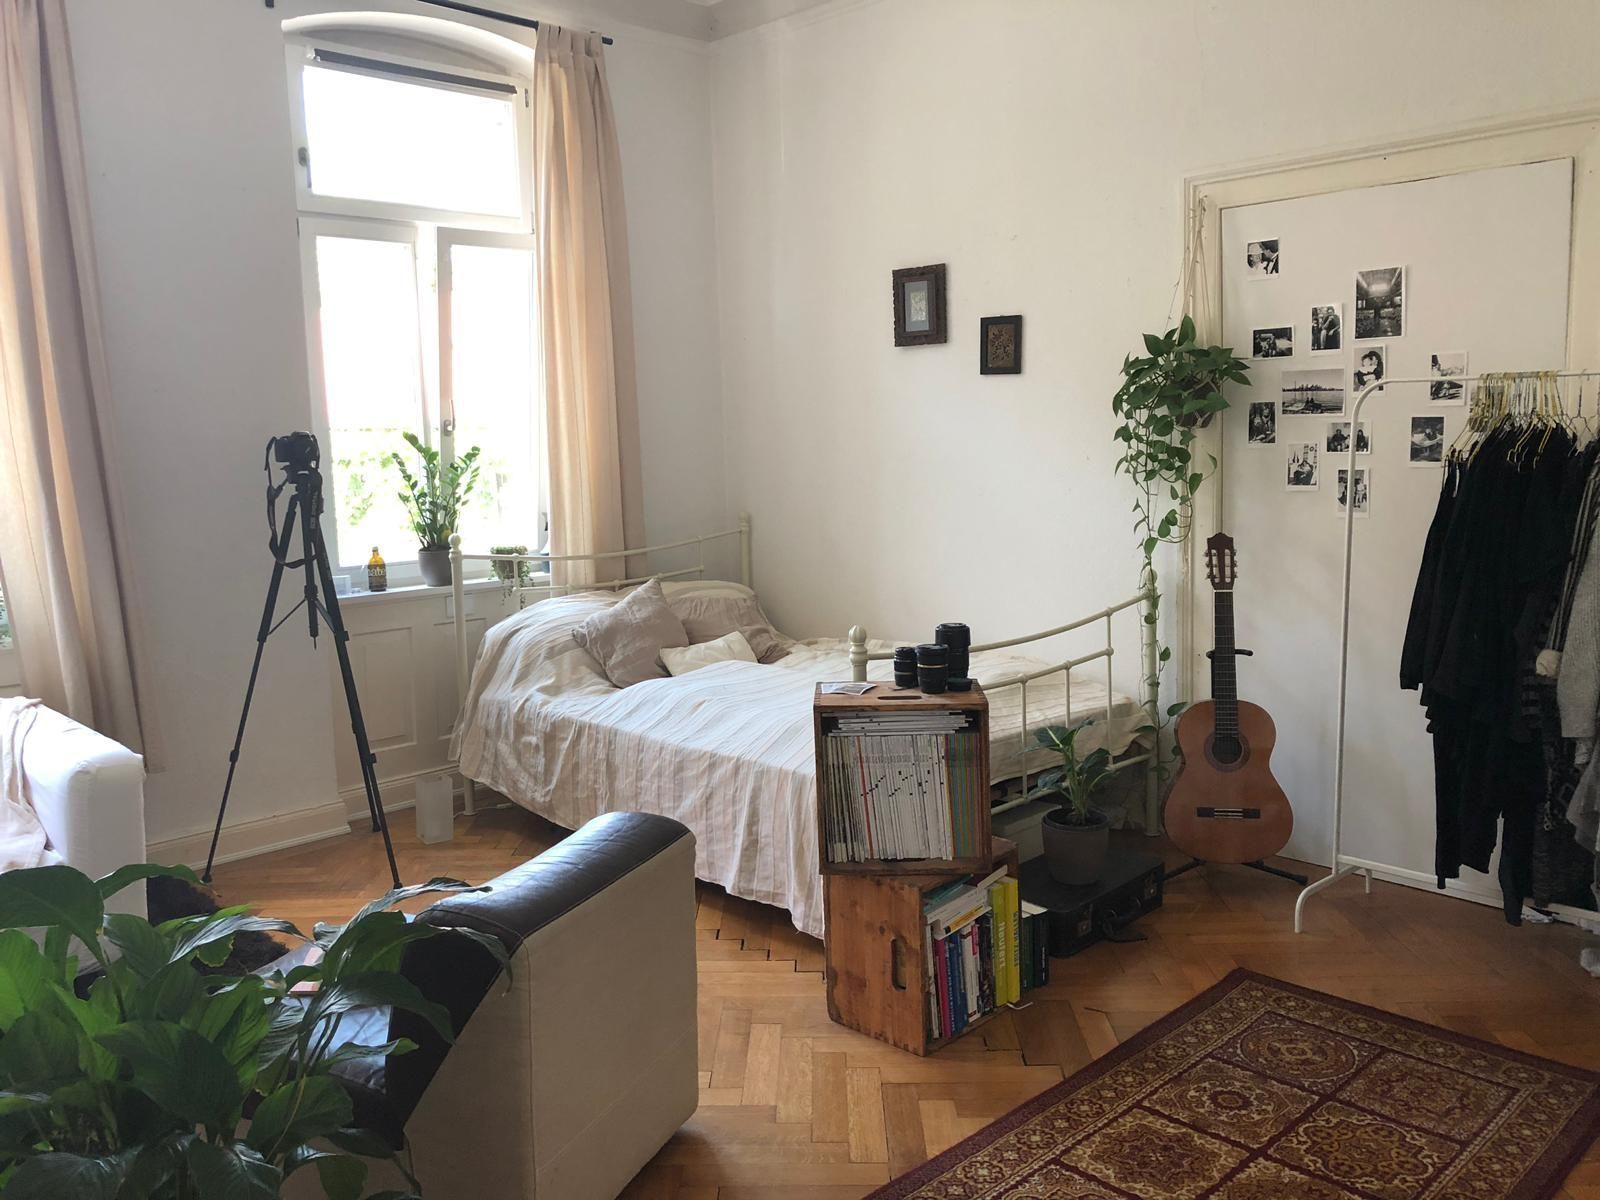 Schones Helles Und Grunes Zimmer In Einer Altbau Wg Reduzierte